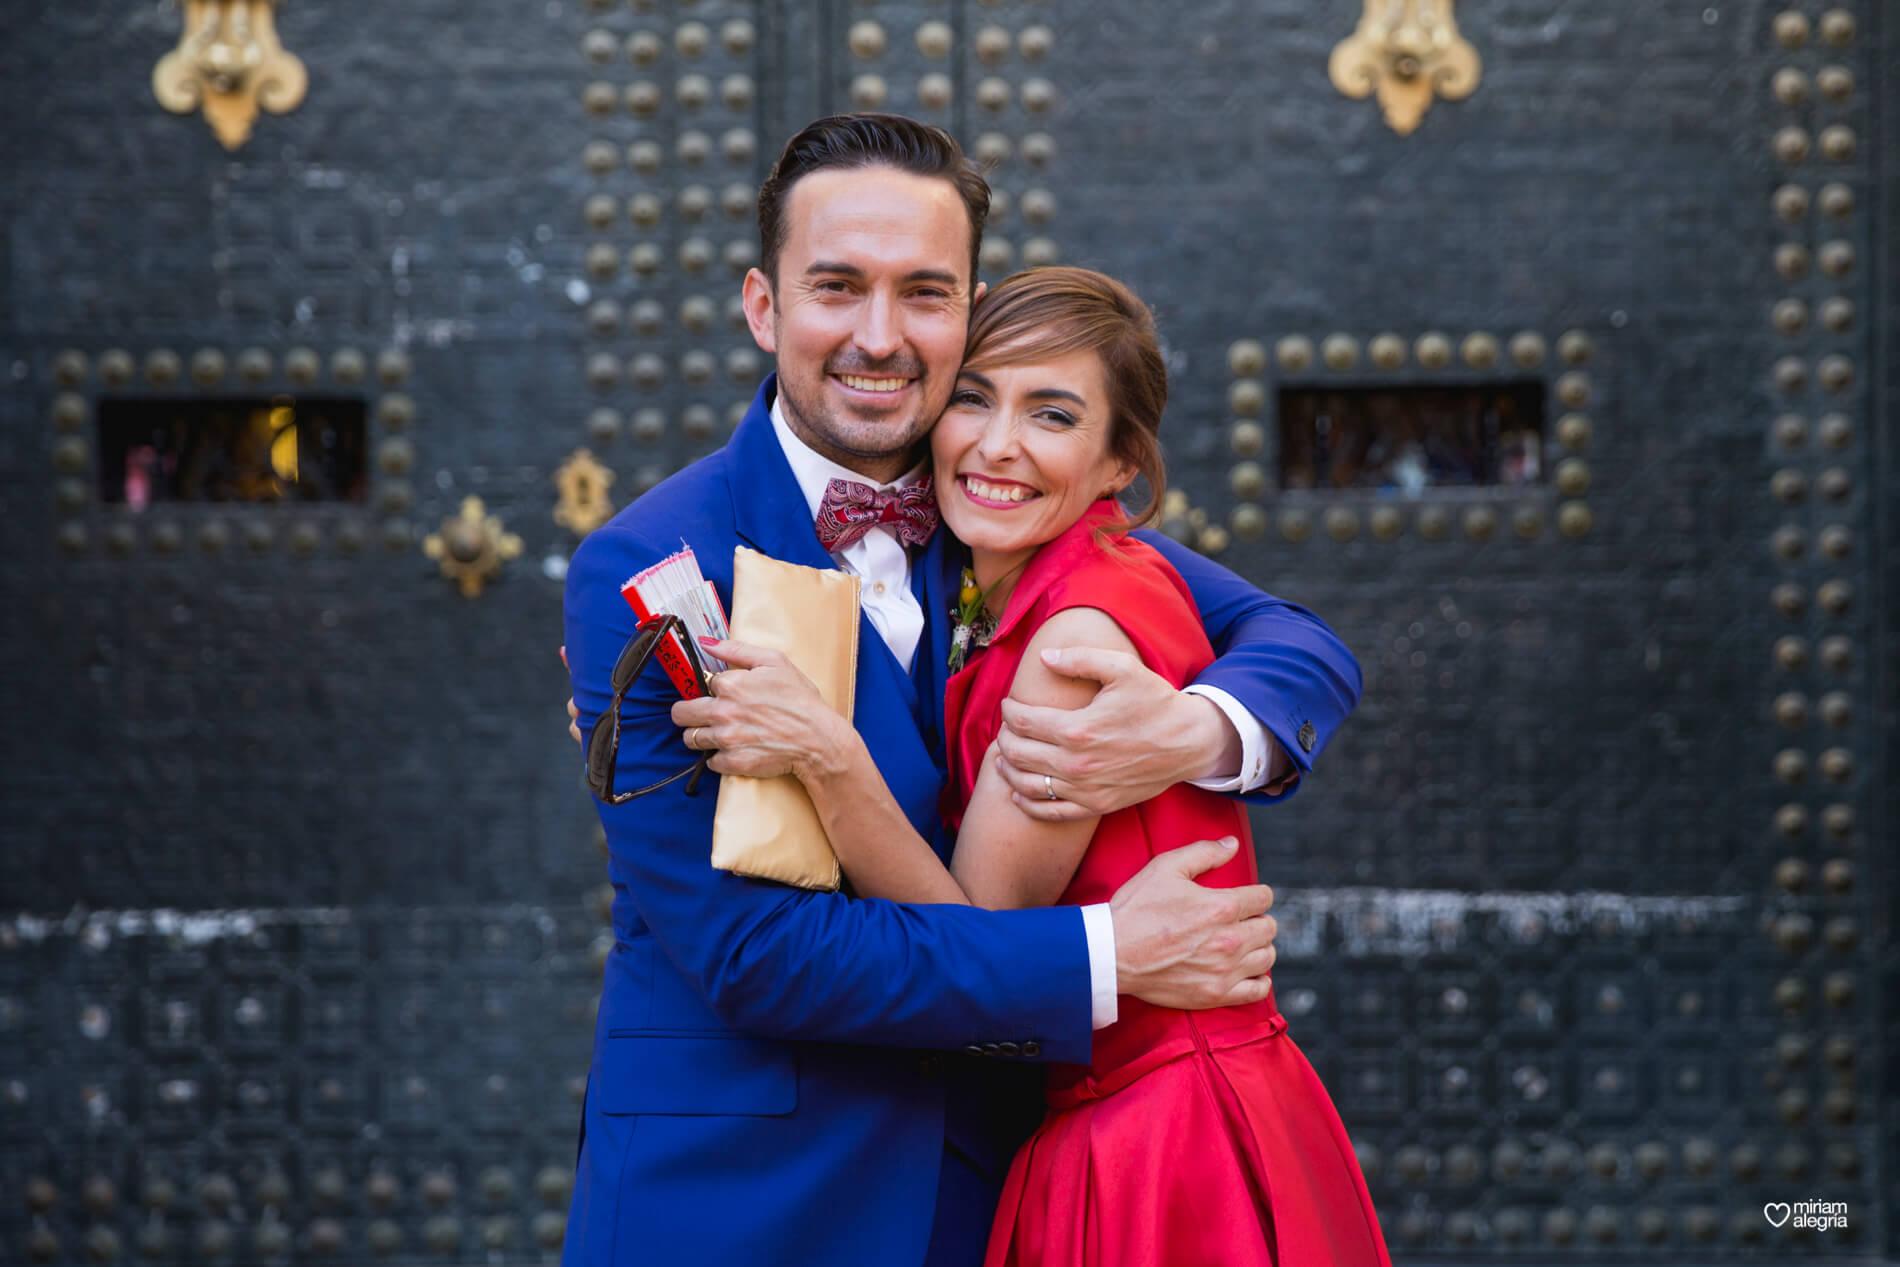 wedding-huerto-del-cura-elche-miriam-alegria-fotografos-boda-244